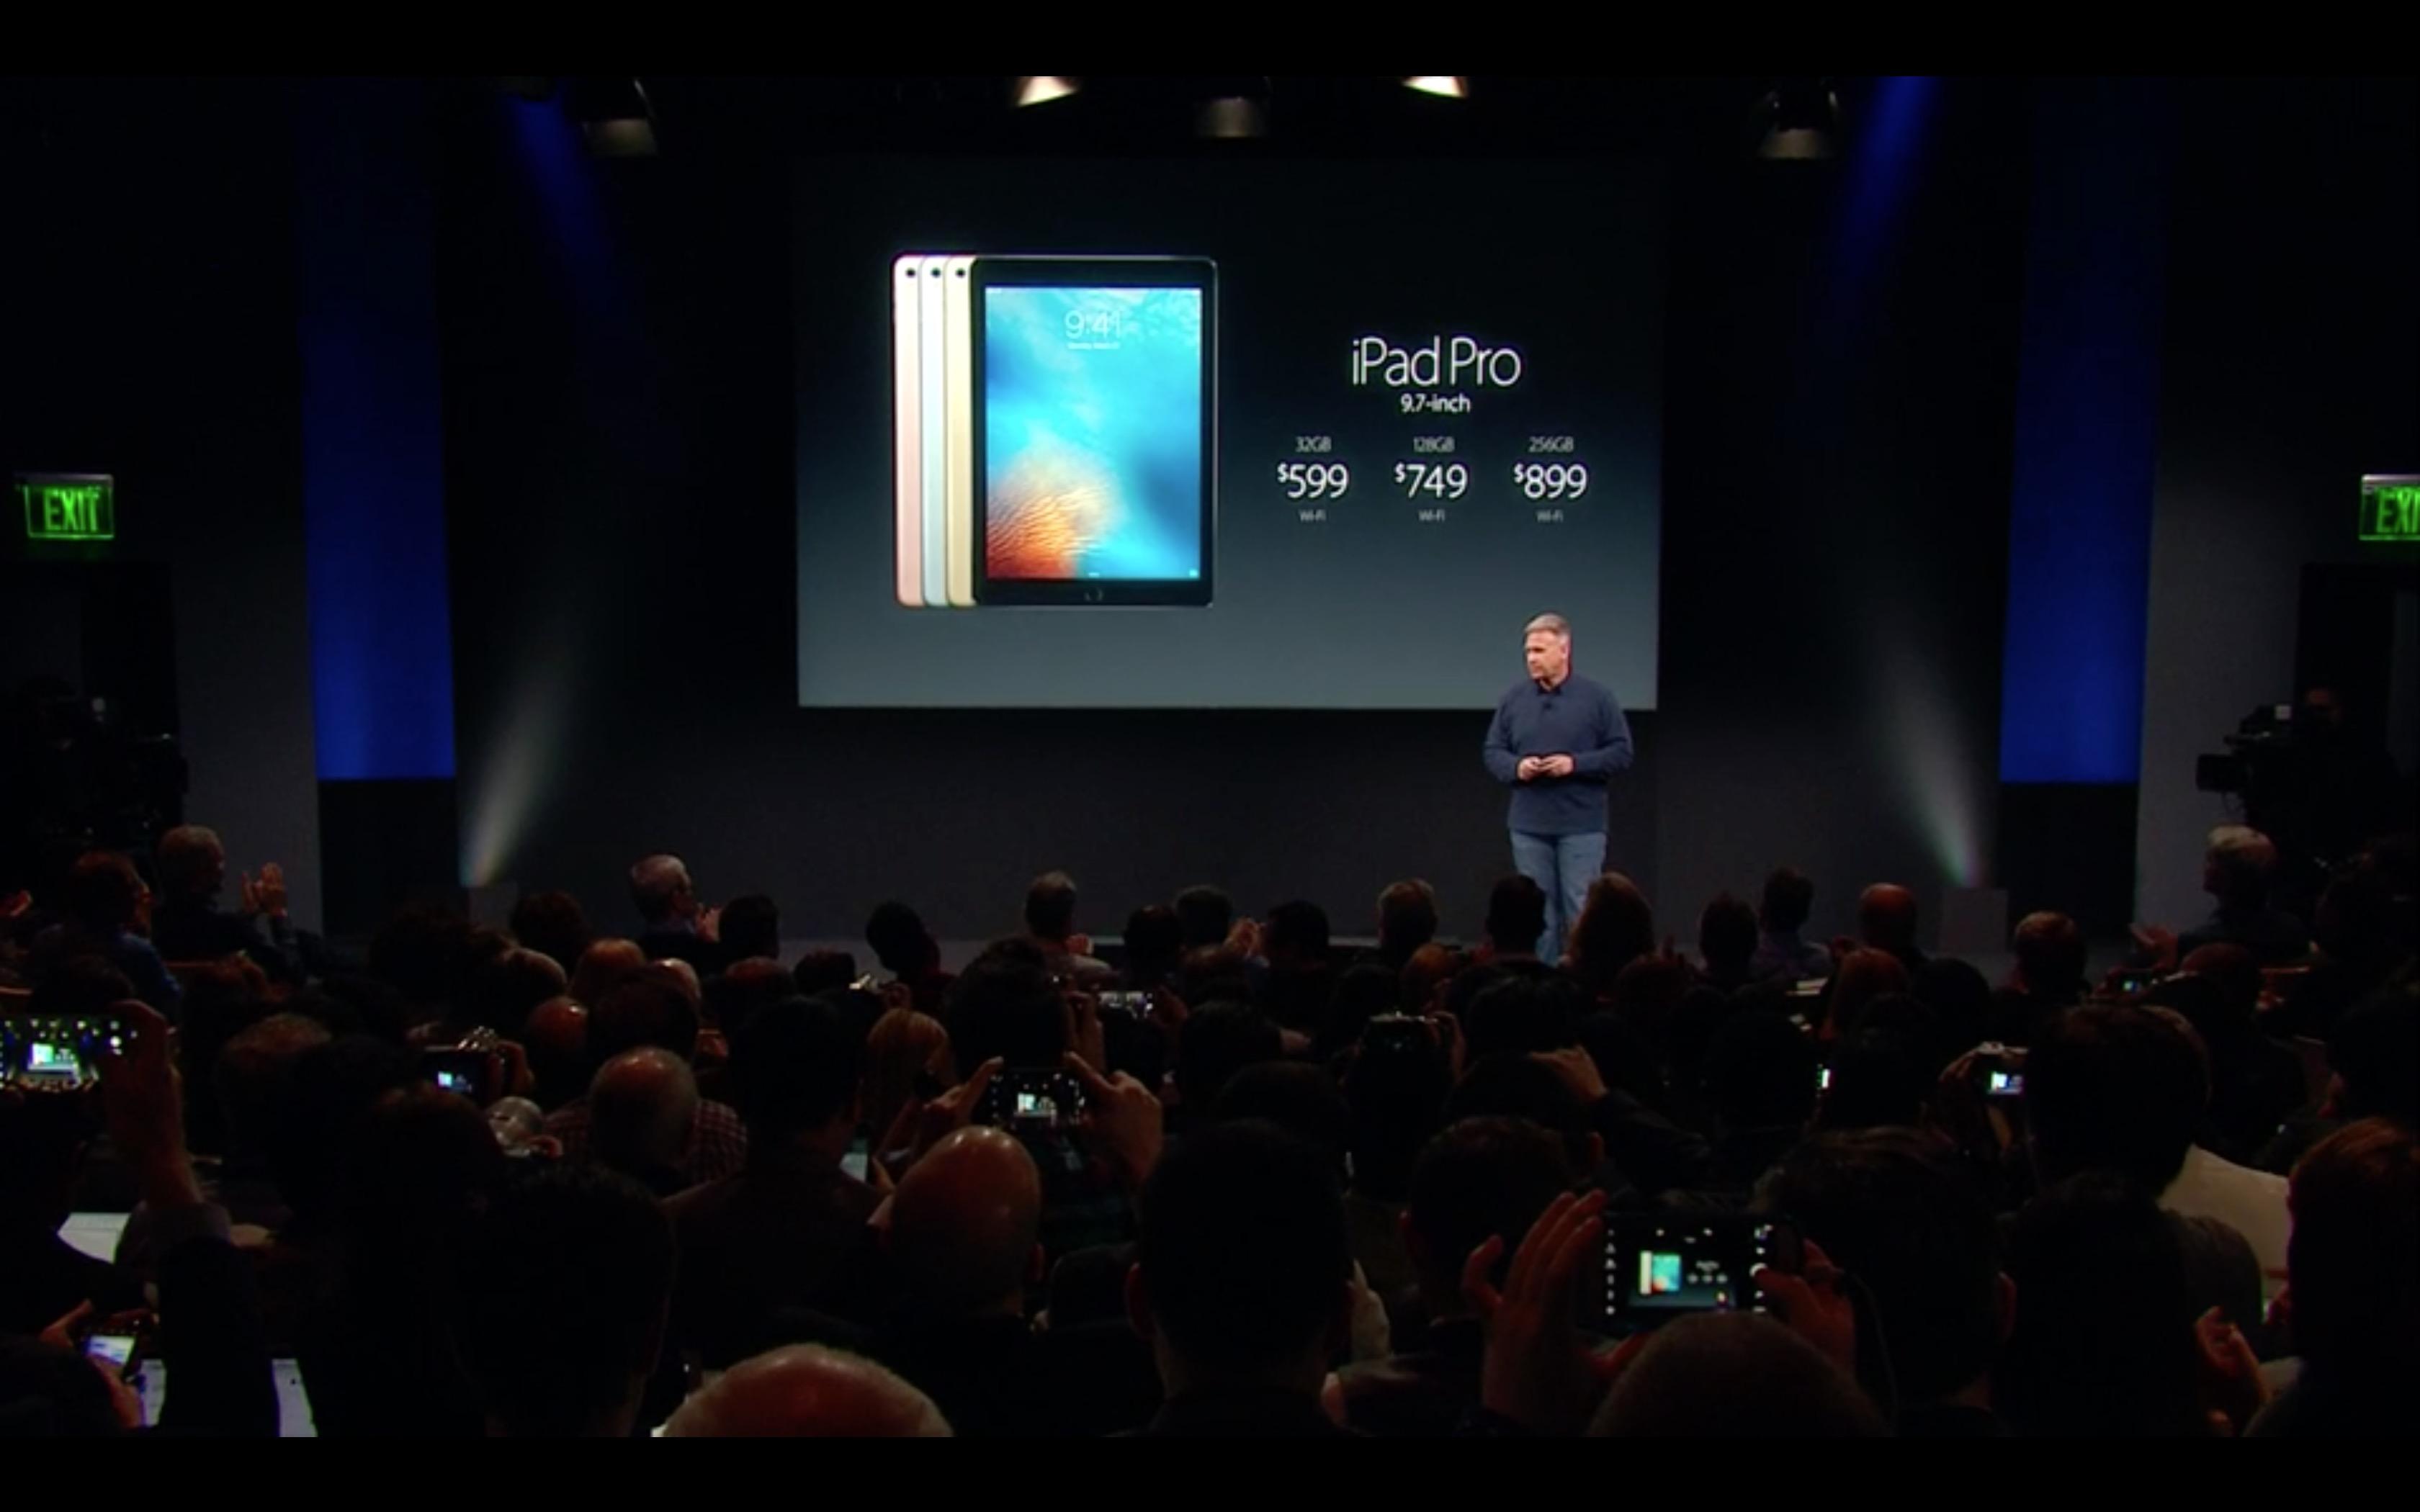 Prezzi iPad Pro 9.7 pollcii